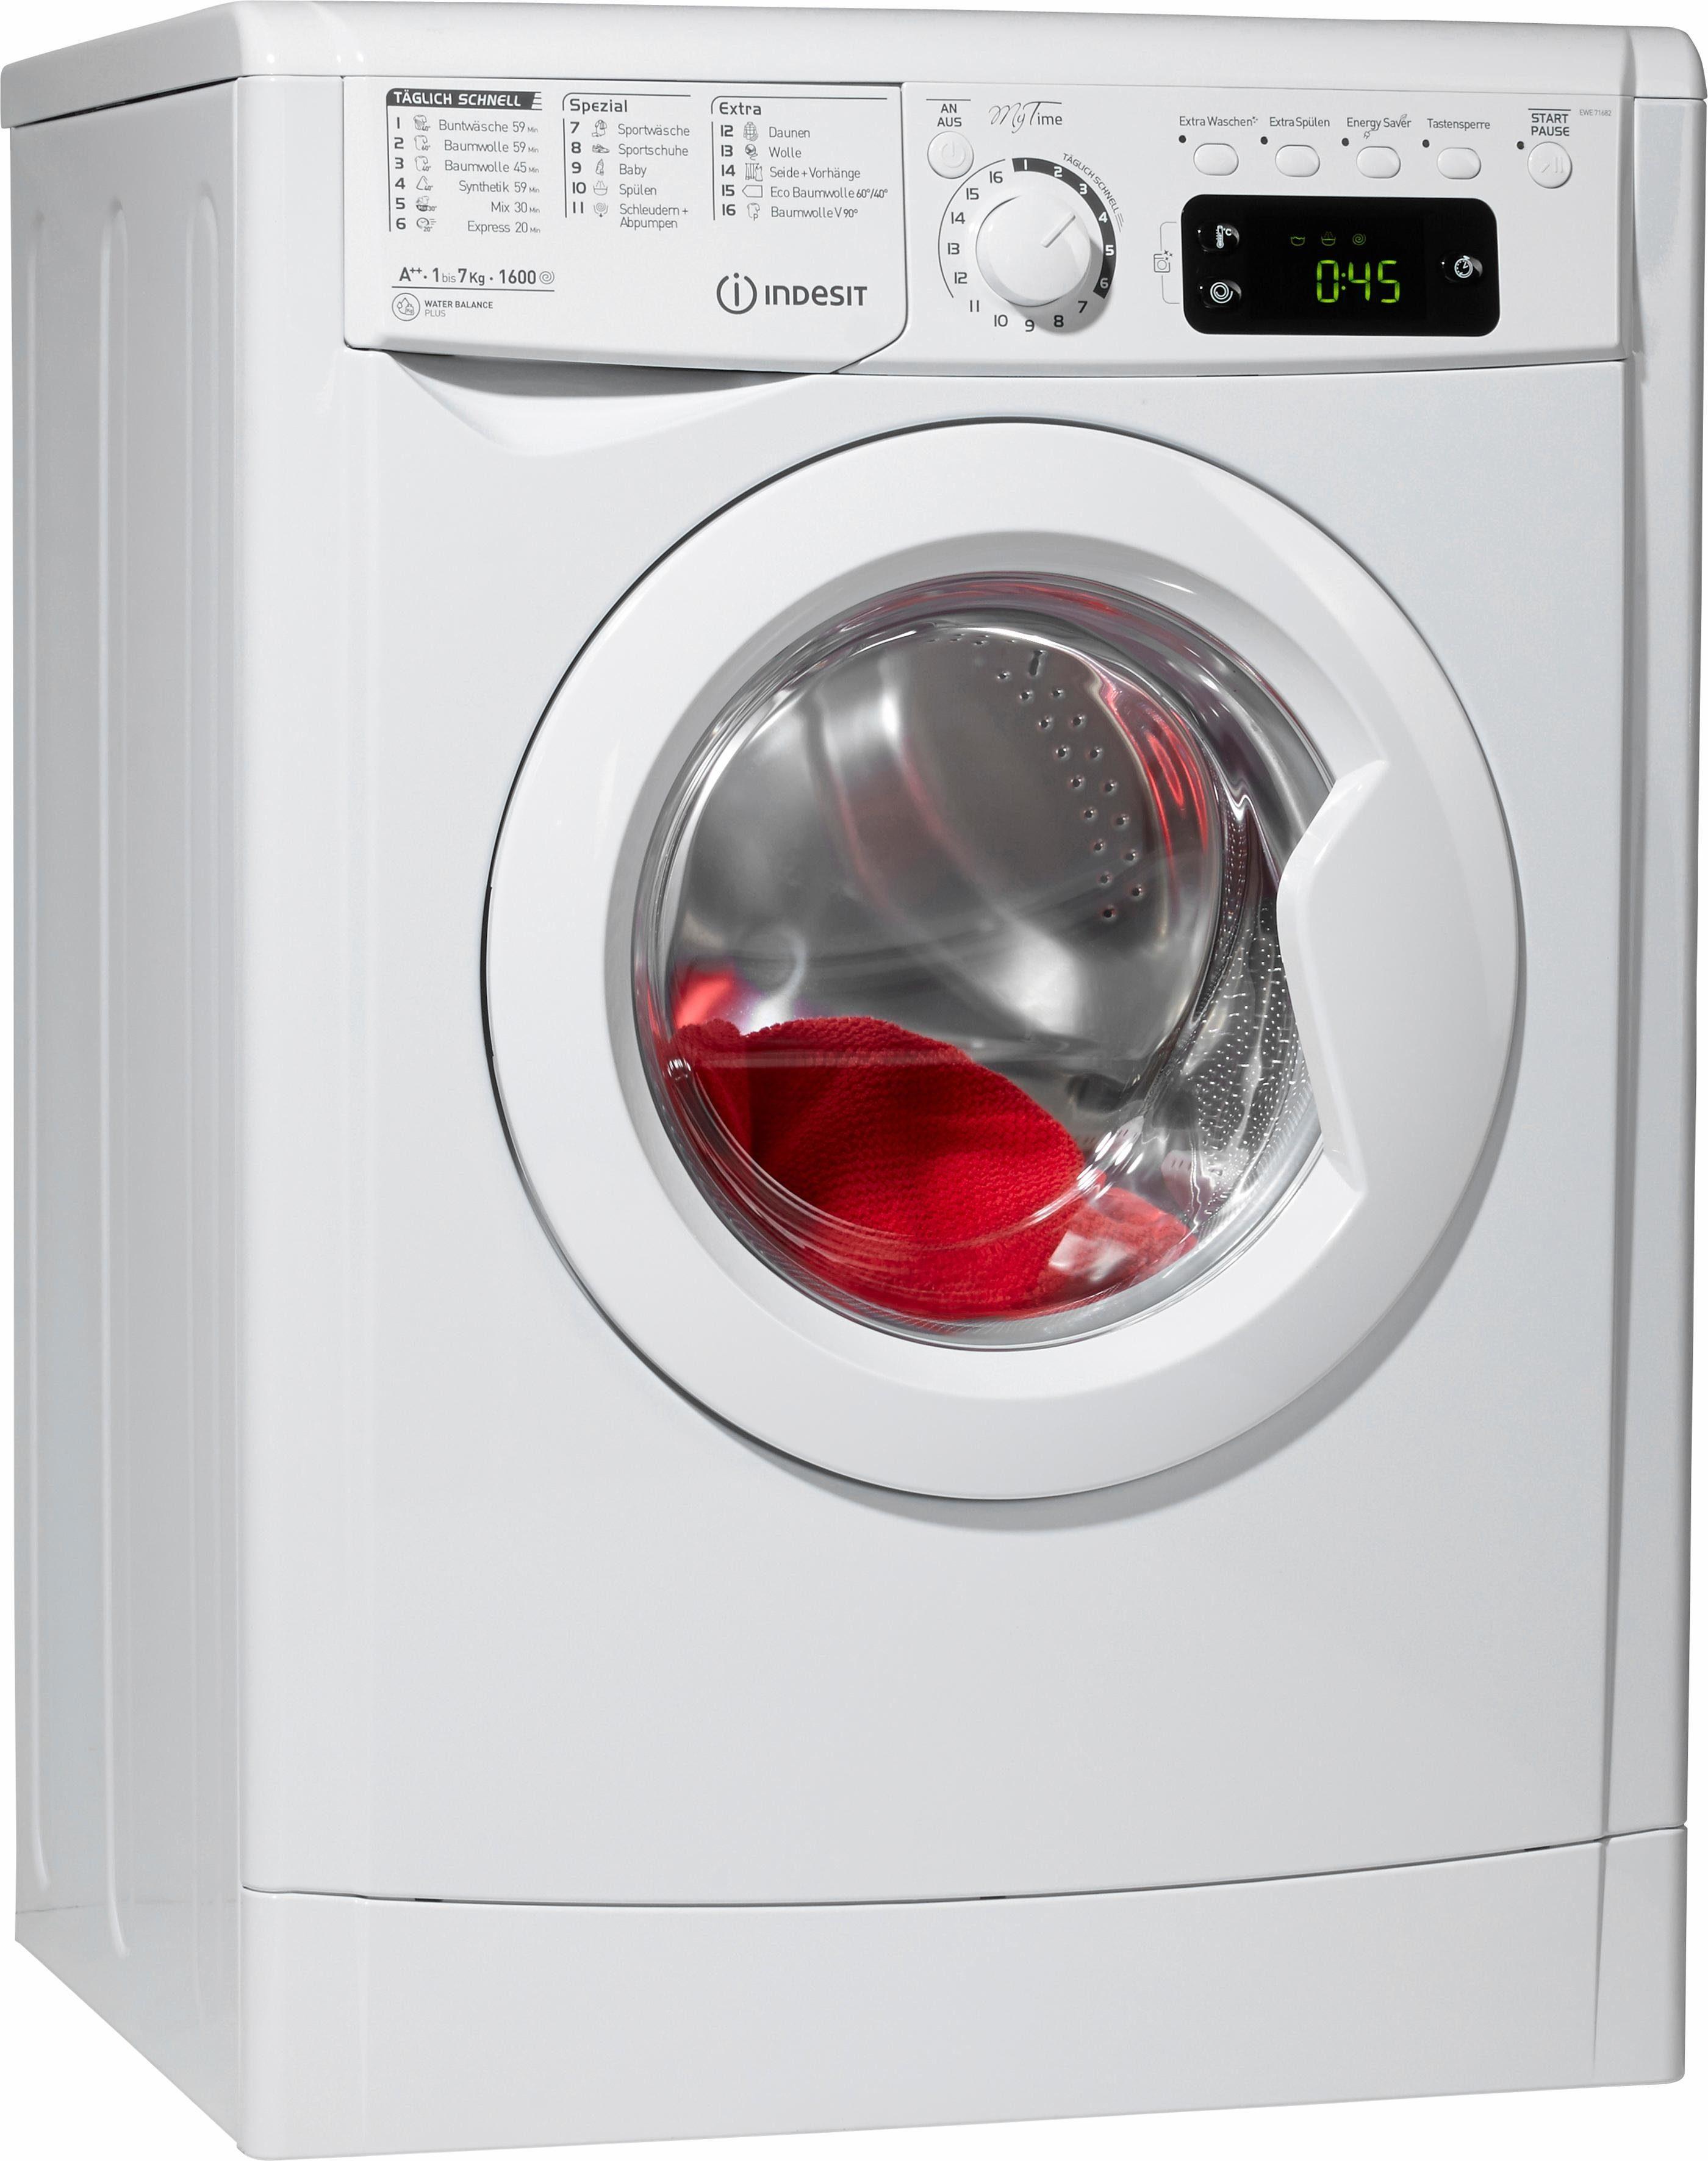 Indesit Waschmaschine EWE 71682 W DE, A++, 7 kg, 1600 U/Min